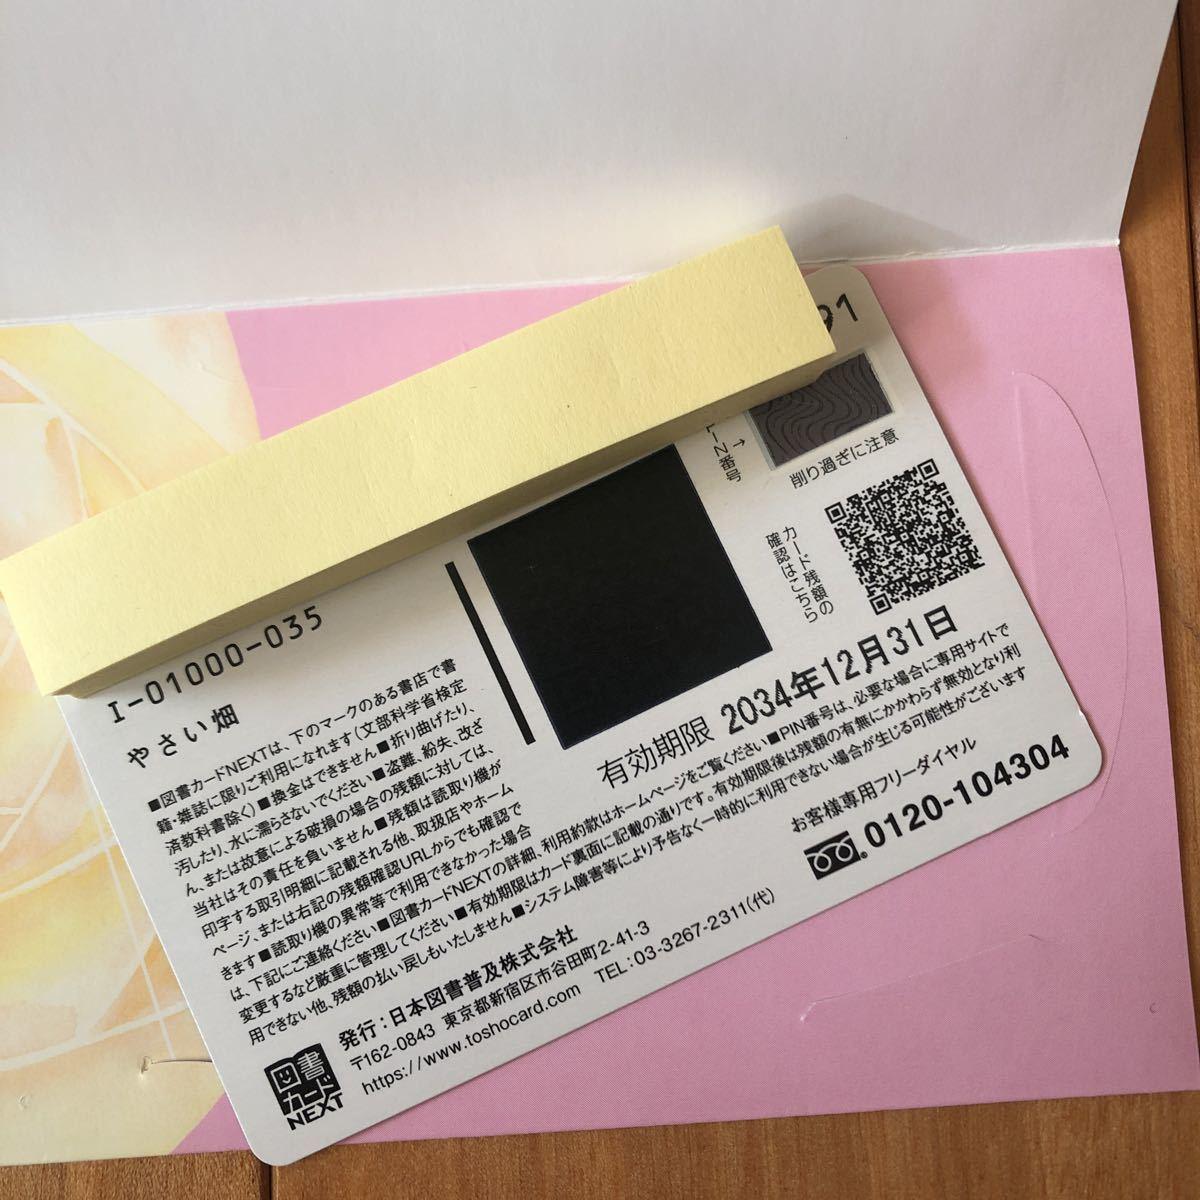 図書カード1,000円 NEXT 未使用 期限2034年_画像2